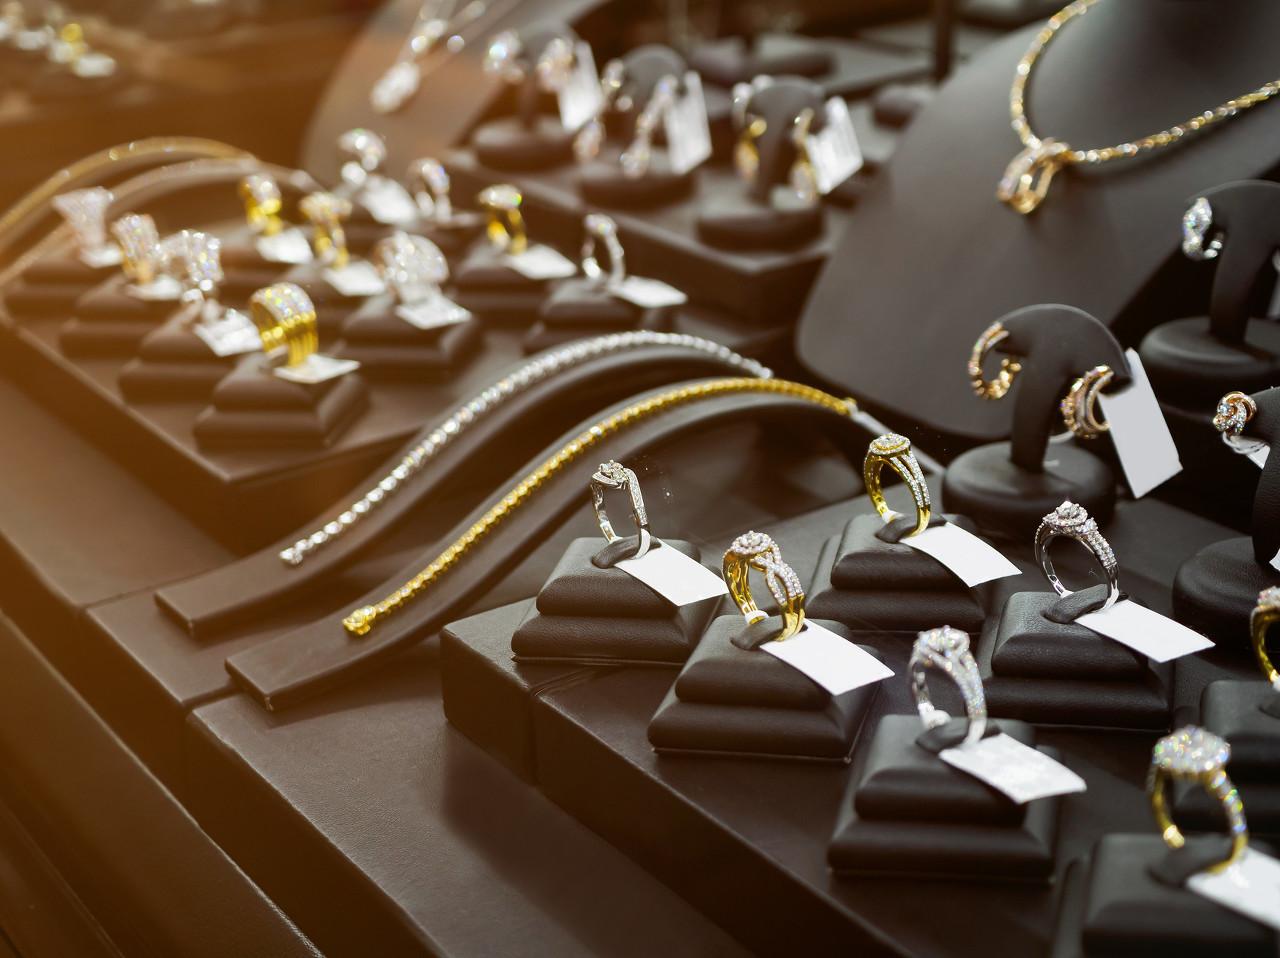 价值30多万元的珠宝差点丢失 被当成垃圾回收